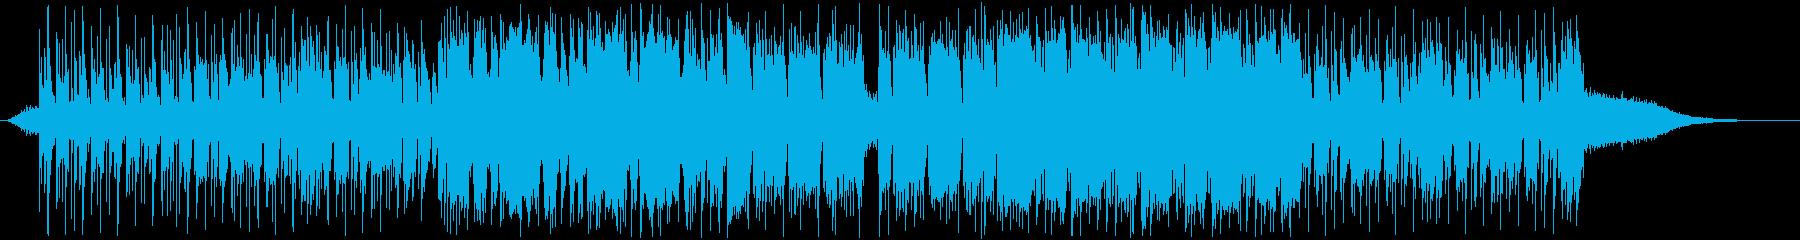 ハネたリズムのインダストリアルロックの再生済みの波形